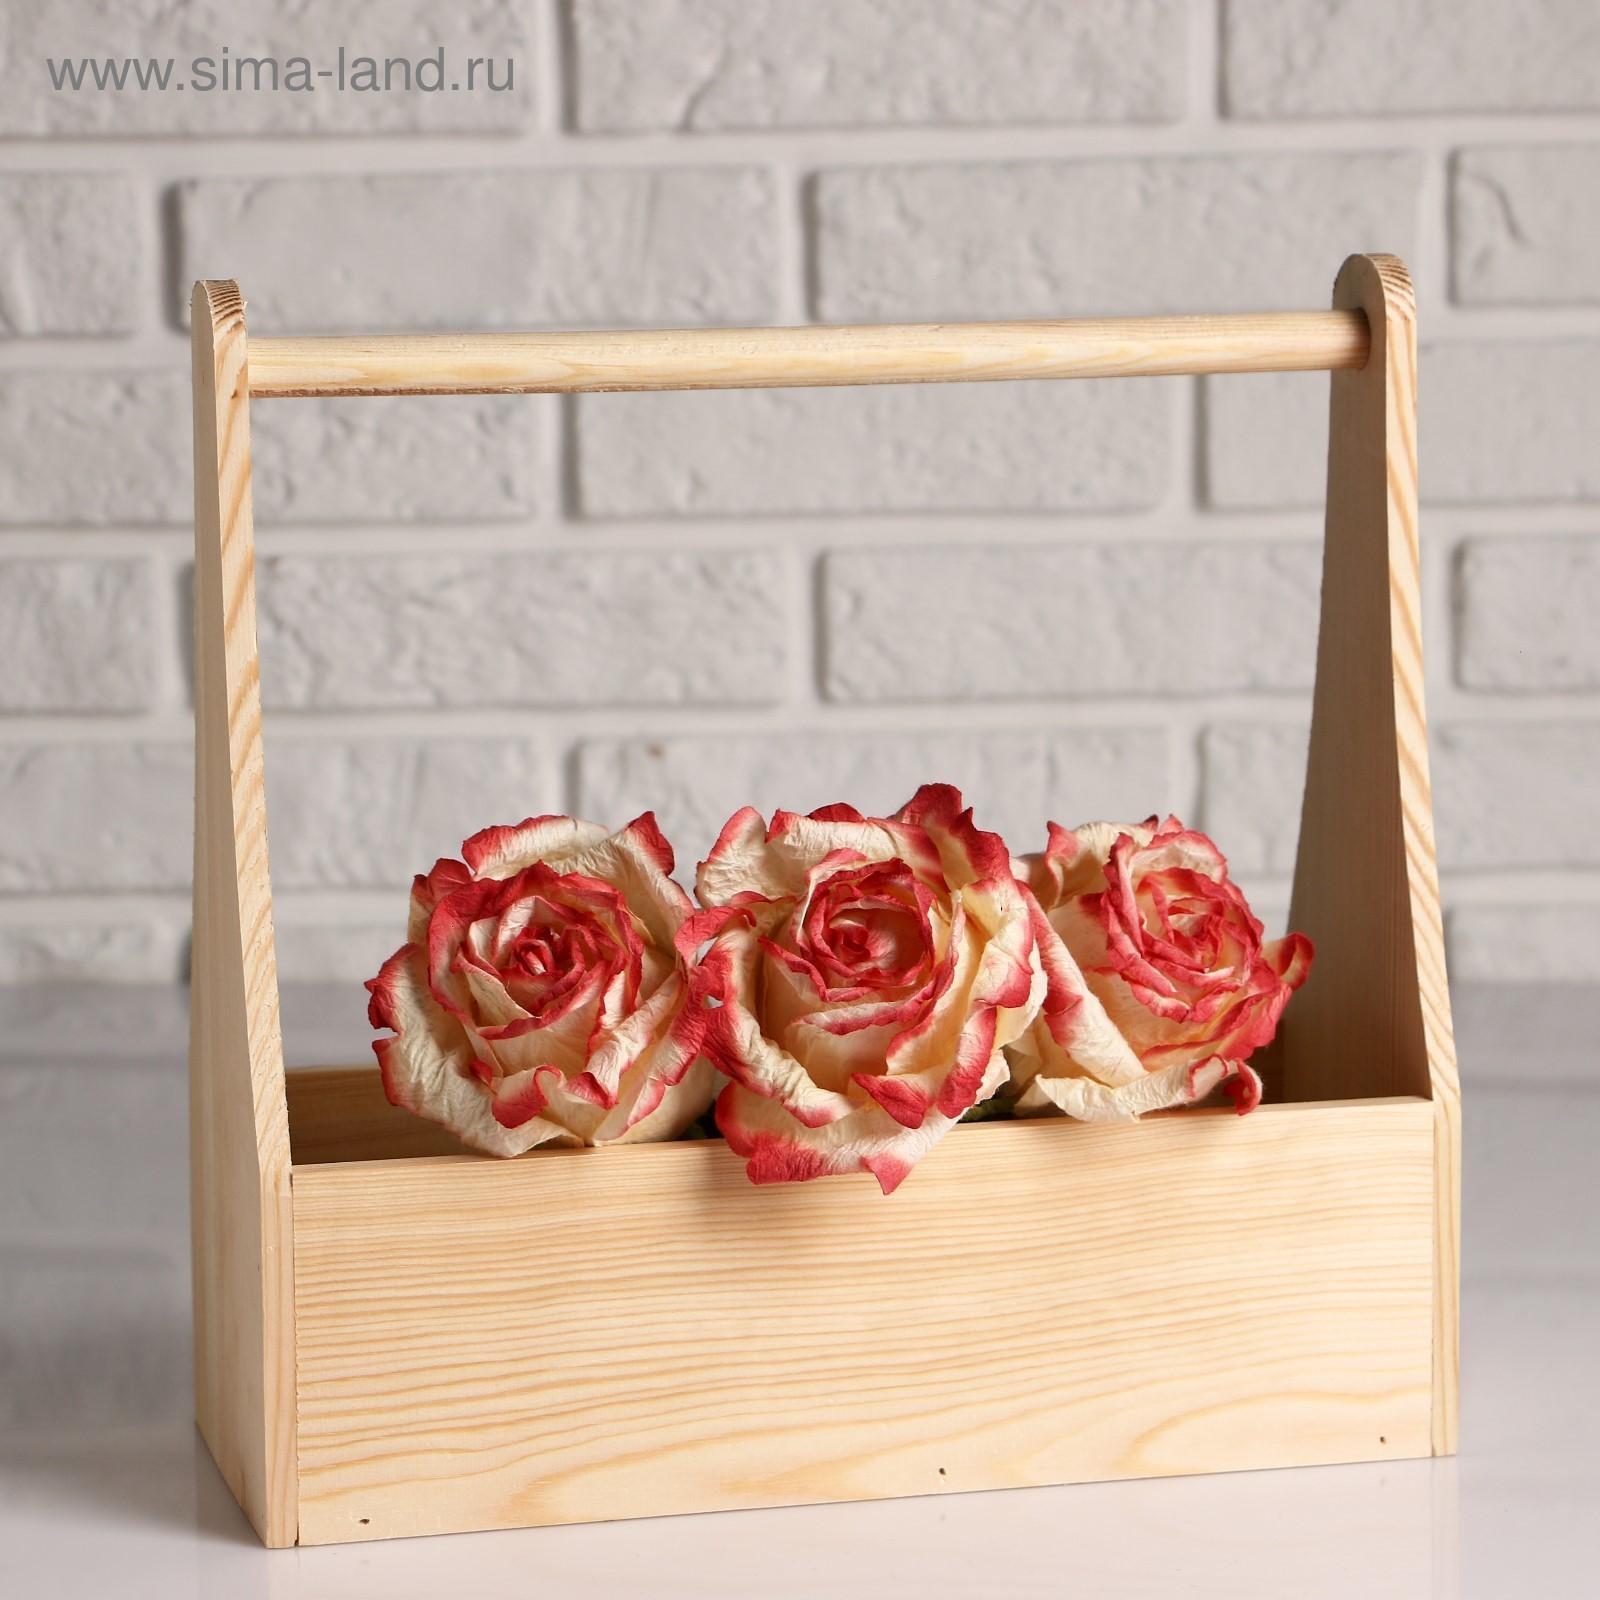 1a878dbee9e14 Ящик с деревянной ручкой, 30х14х30см (2966489) - Купить по цене от ...